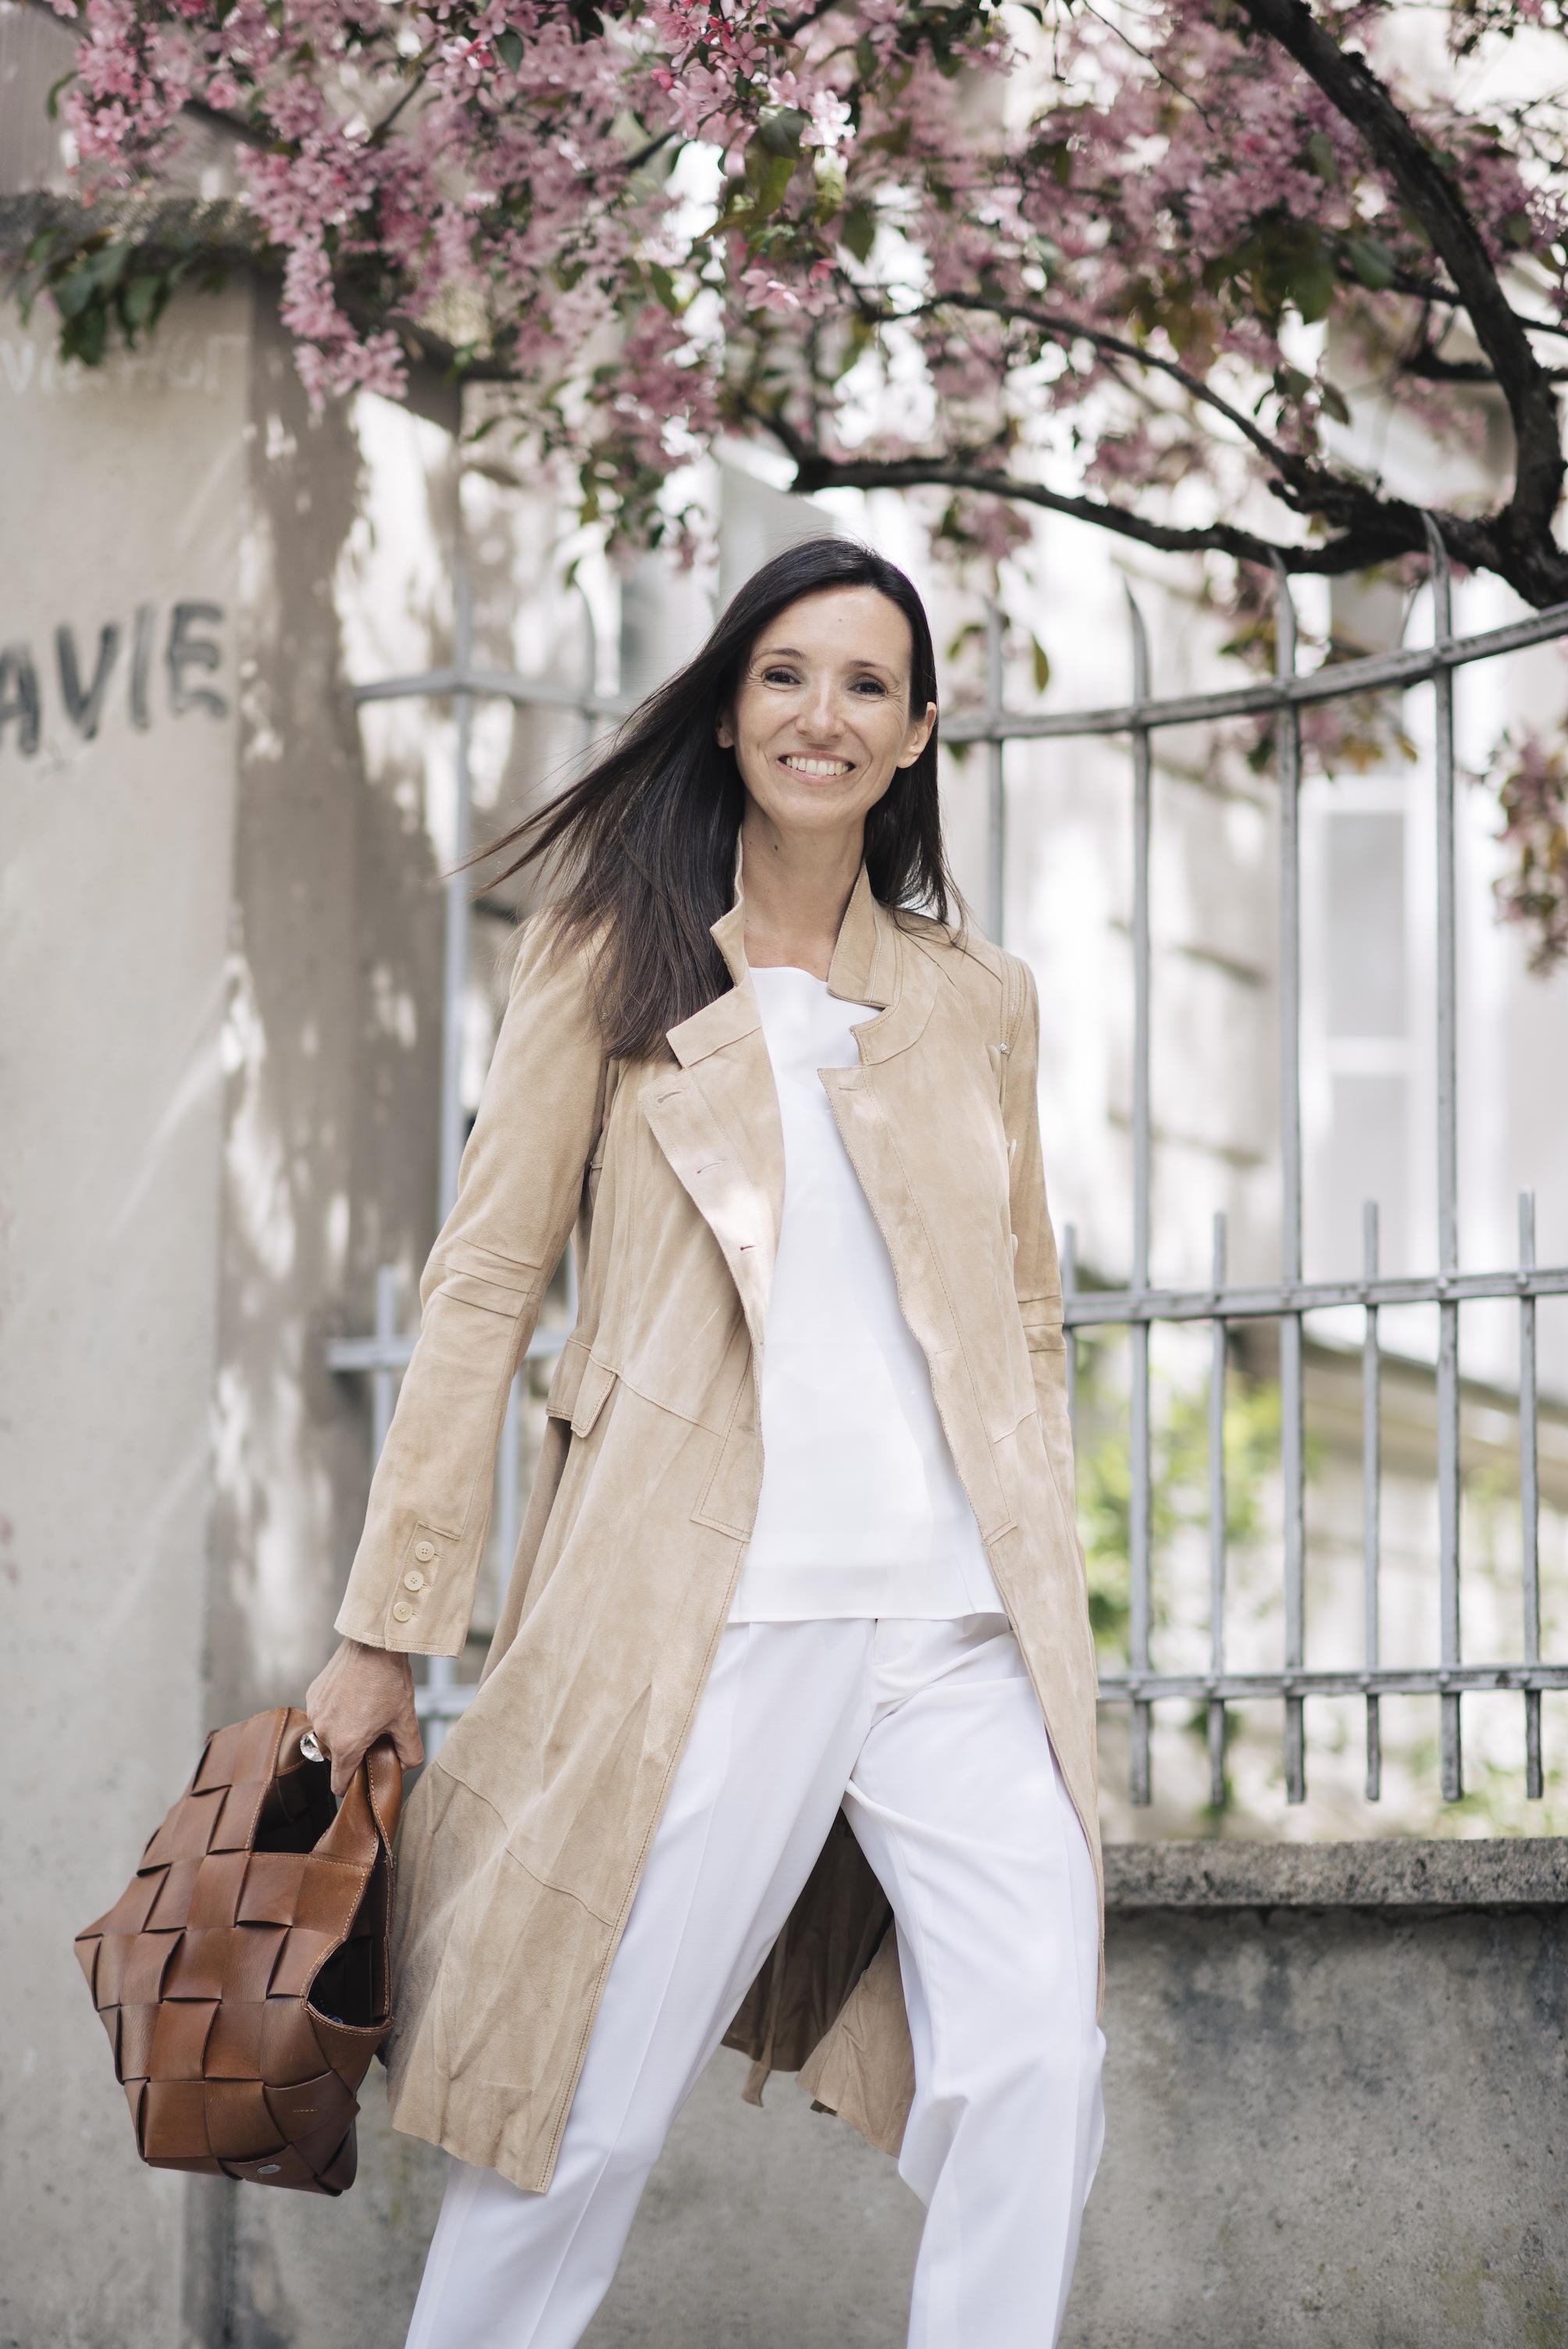 Beate Finken Blog BeFifty Cooler Sommerlook mit weiter Hose und hellem Ledermantel Monochromer Look in weiß Mode für Frauen über 40 und ab 50 Mode für Frauen in den Wechseljahren HIGH by Clair Campbell